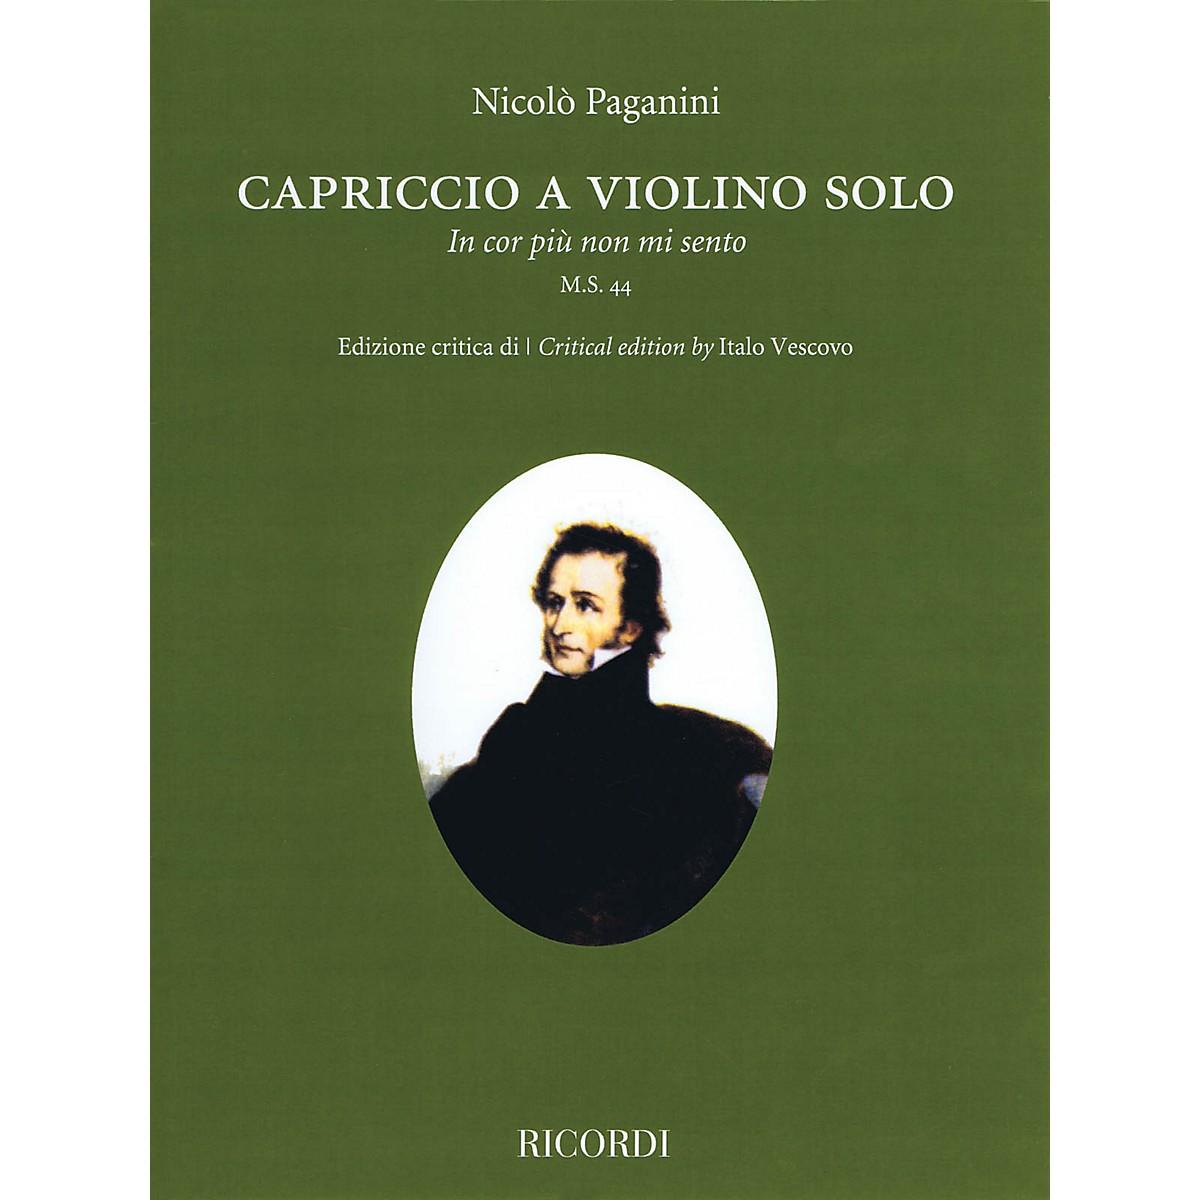 Ricordi Capriccio (In cor piu non mi sento) M.S. 44 Violin Solo